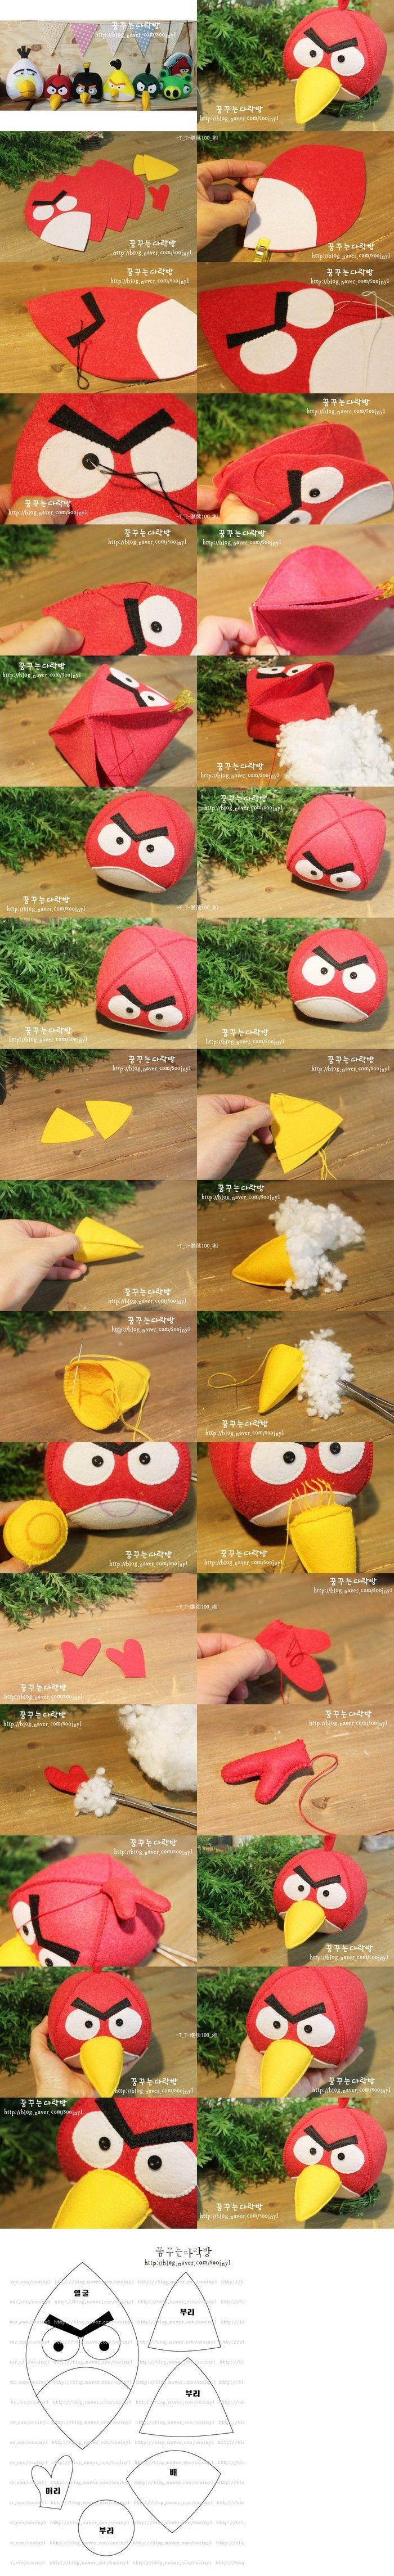 Angry Birds~没有玩过愤怒的小鸟游戏·也听过它的大名吧·不织布的各种妙用·Angry Birds公仔篇·6-1~ 红色小鸟(红火)